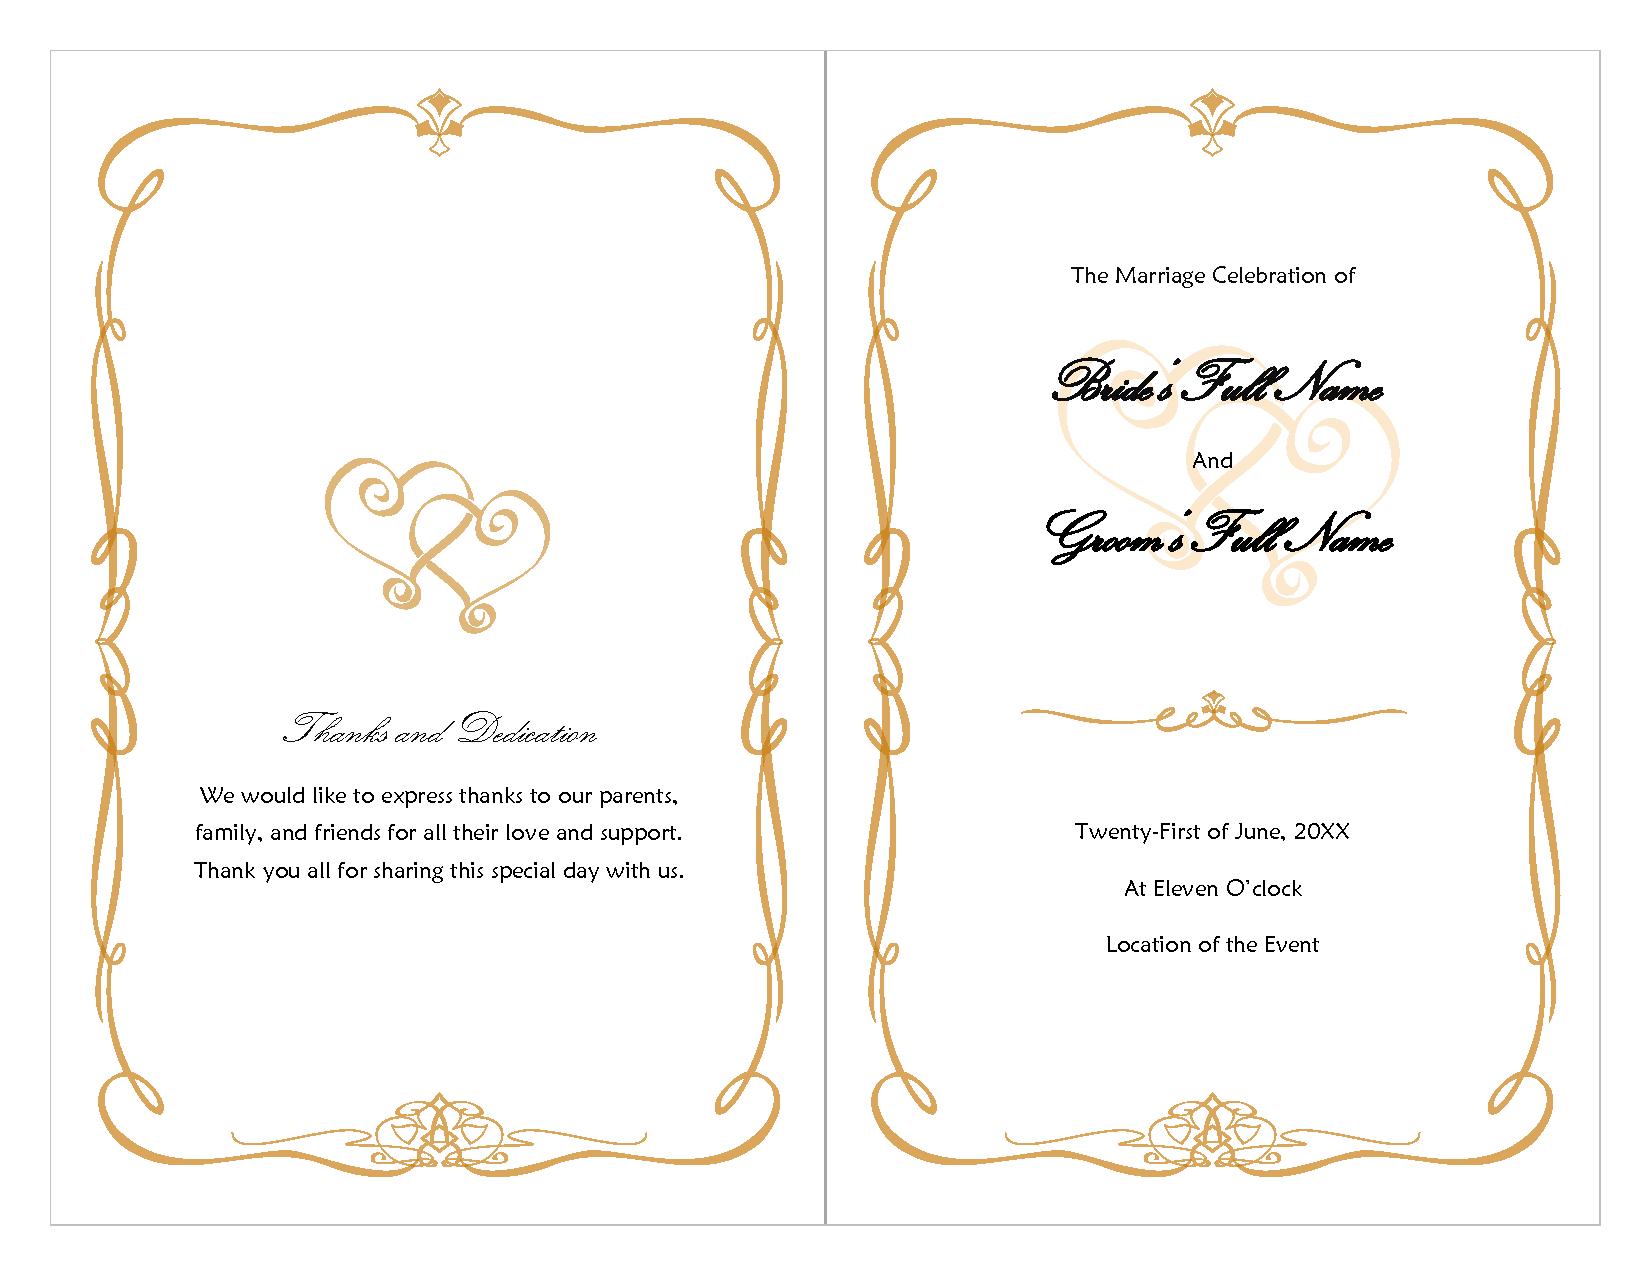 005 Free Wedding Program Fan Templates Template Ideas Excellent - Free Printable Wedding Program Templates Word